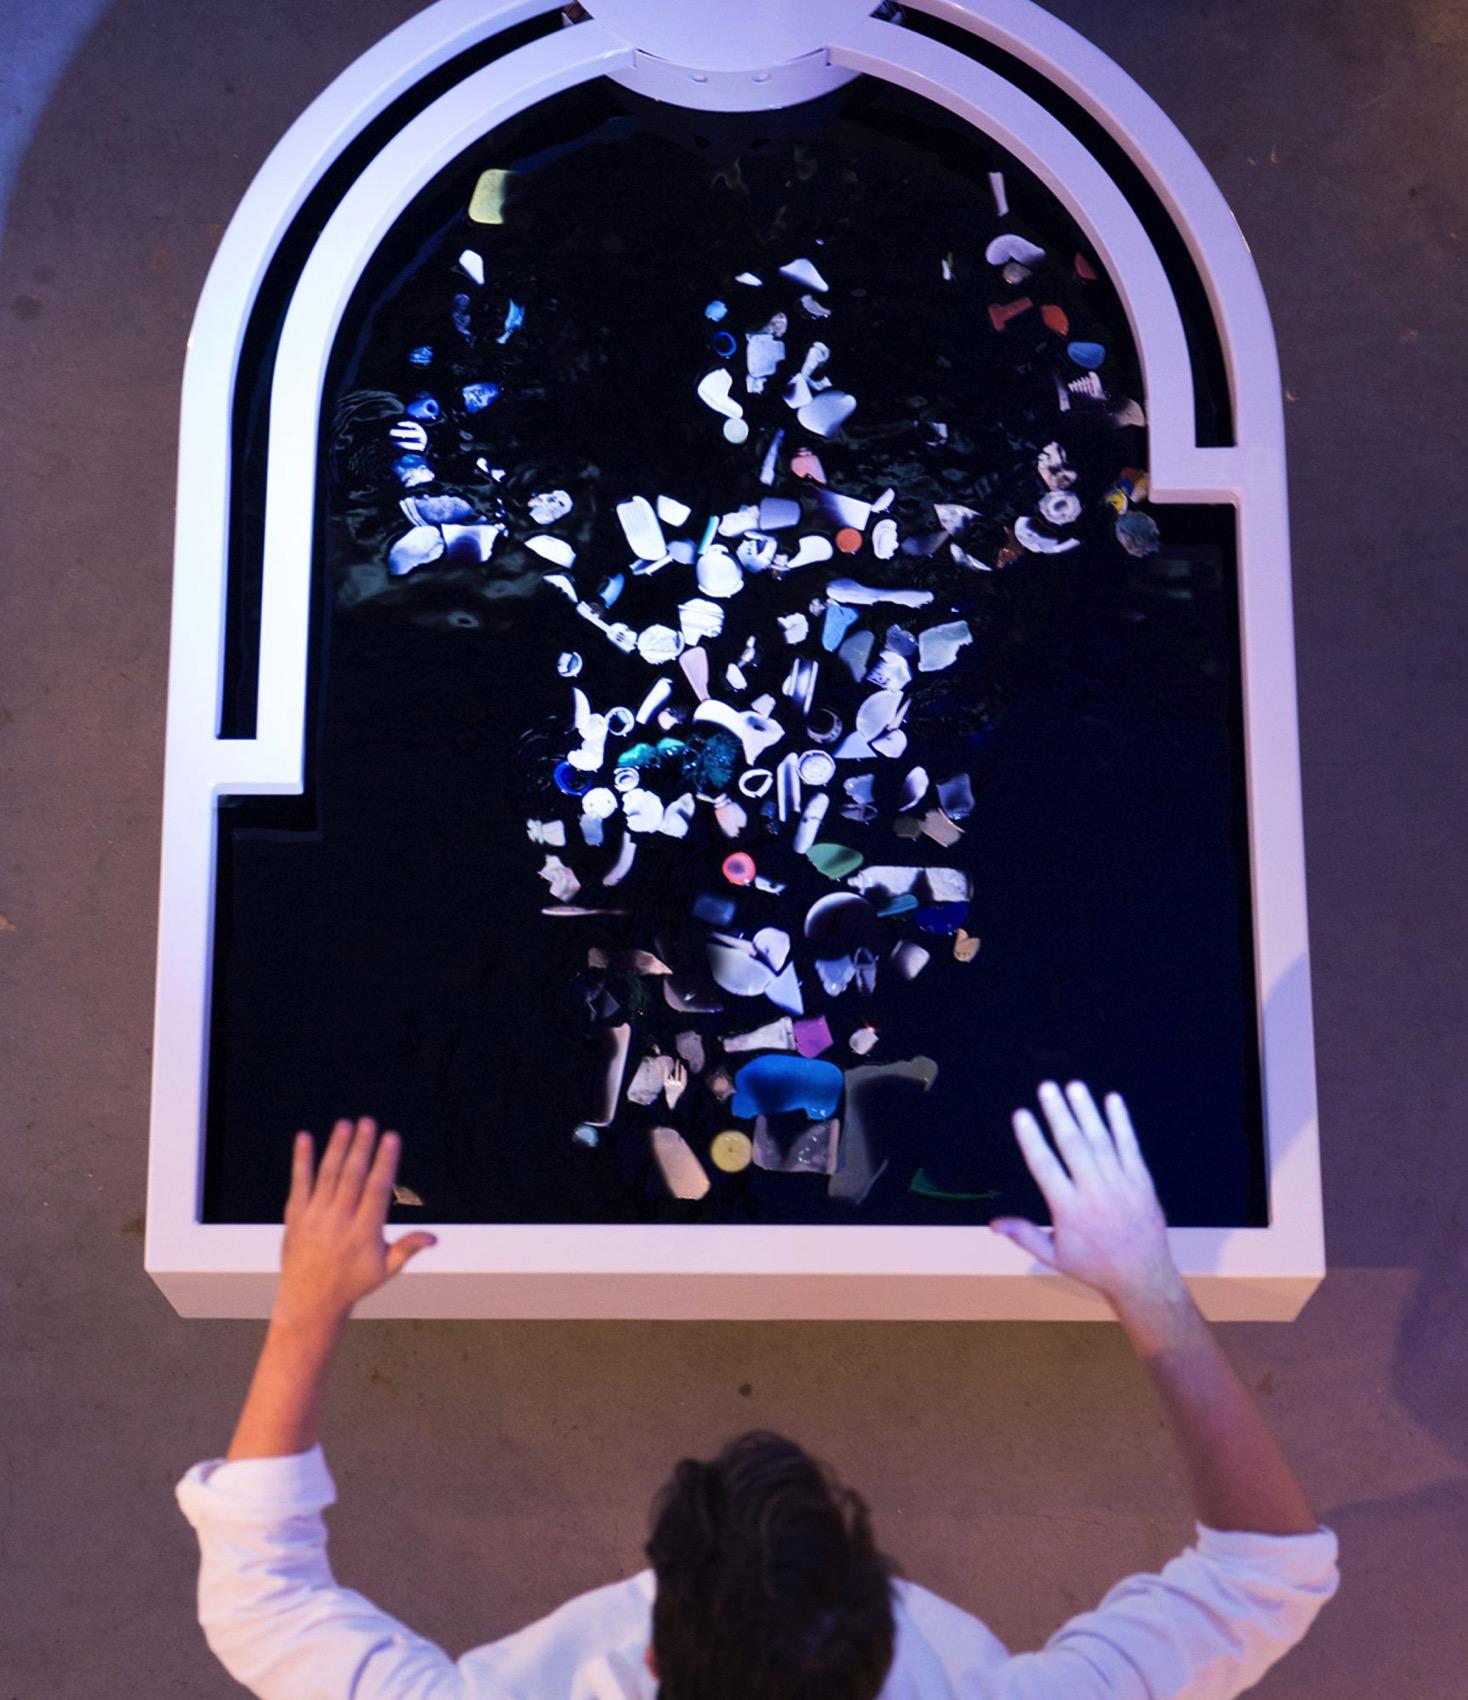 Plastic reflectic interactiveinstallation thijsbiersteker 6